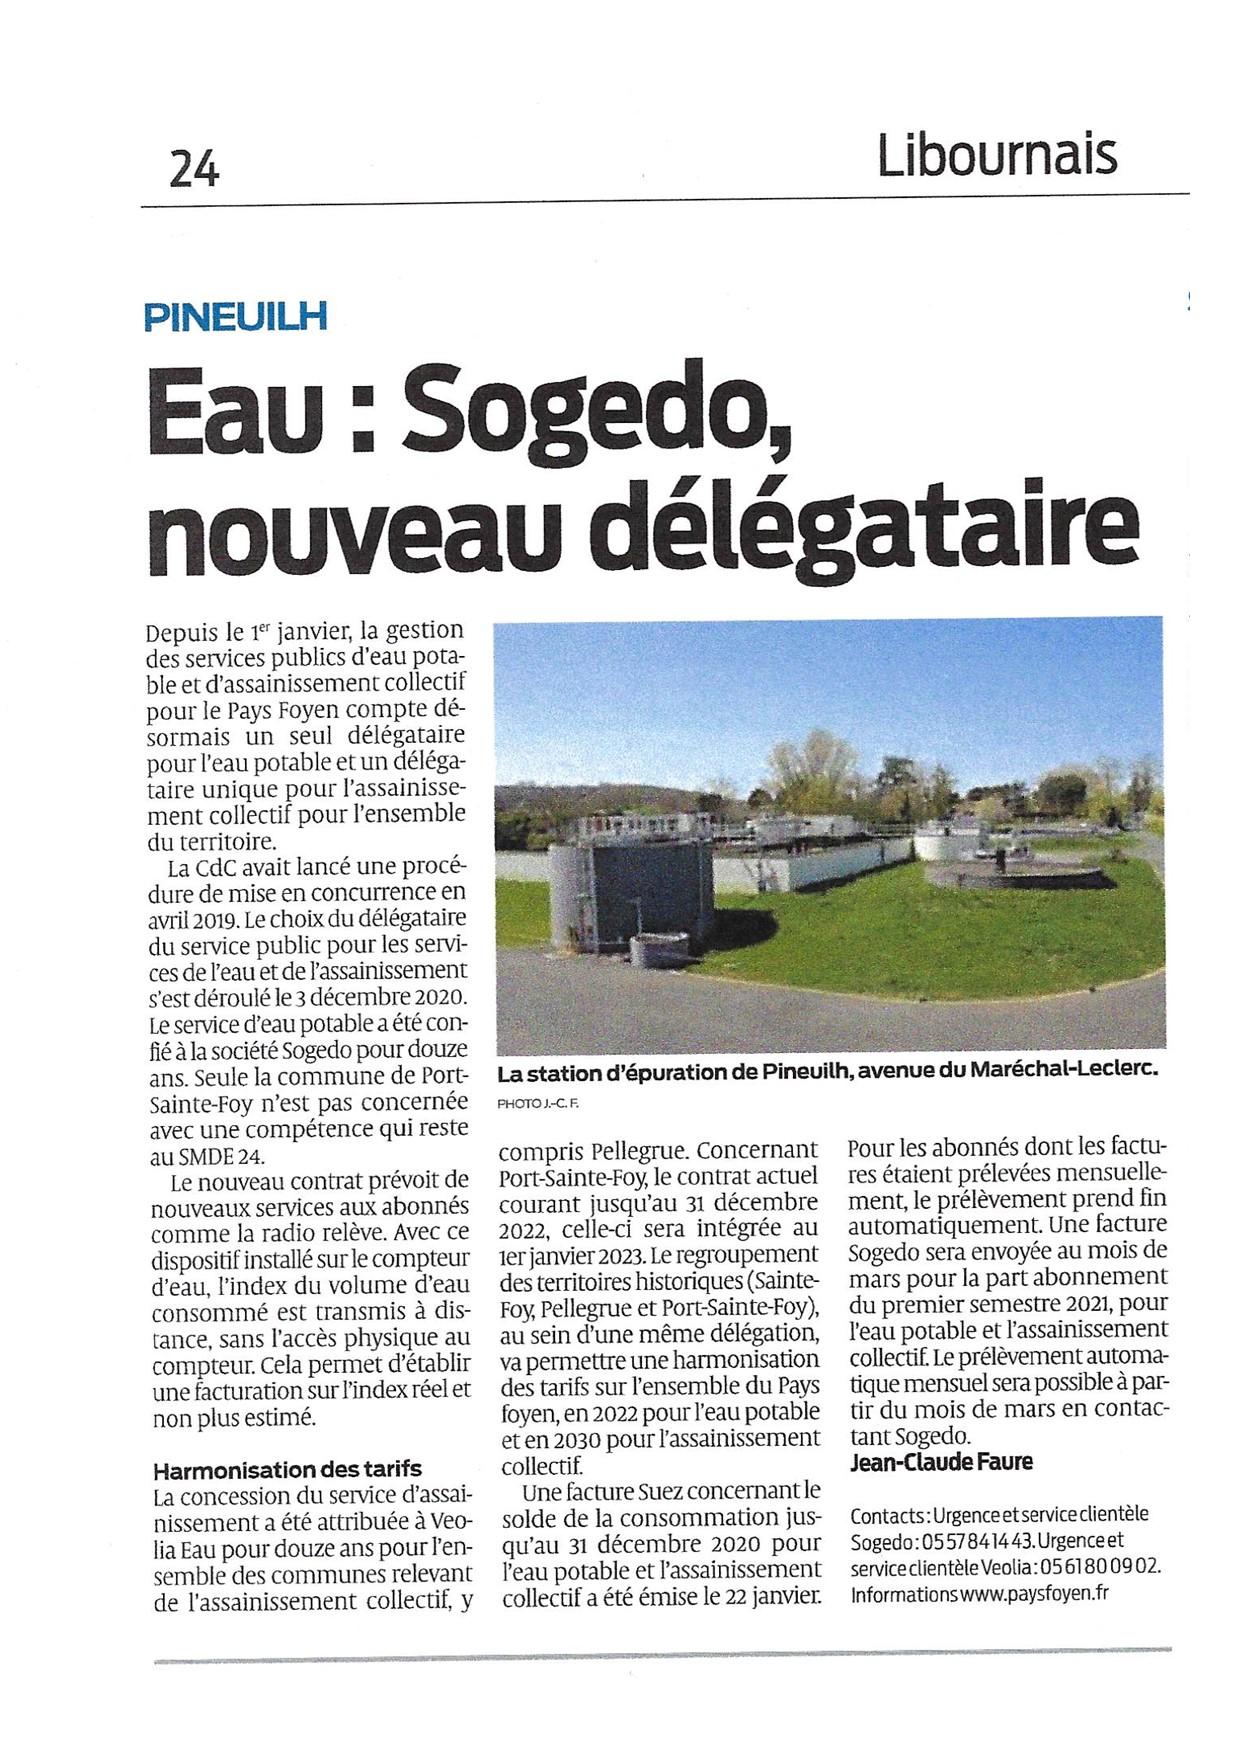 Pays Foyen (Gironde) : le point effectué par le quotidien Sud Ouest